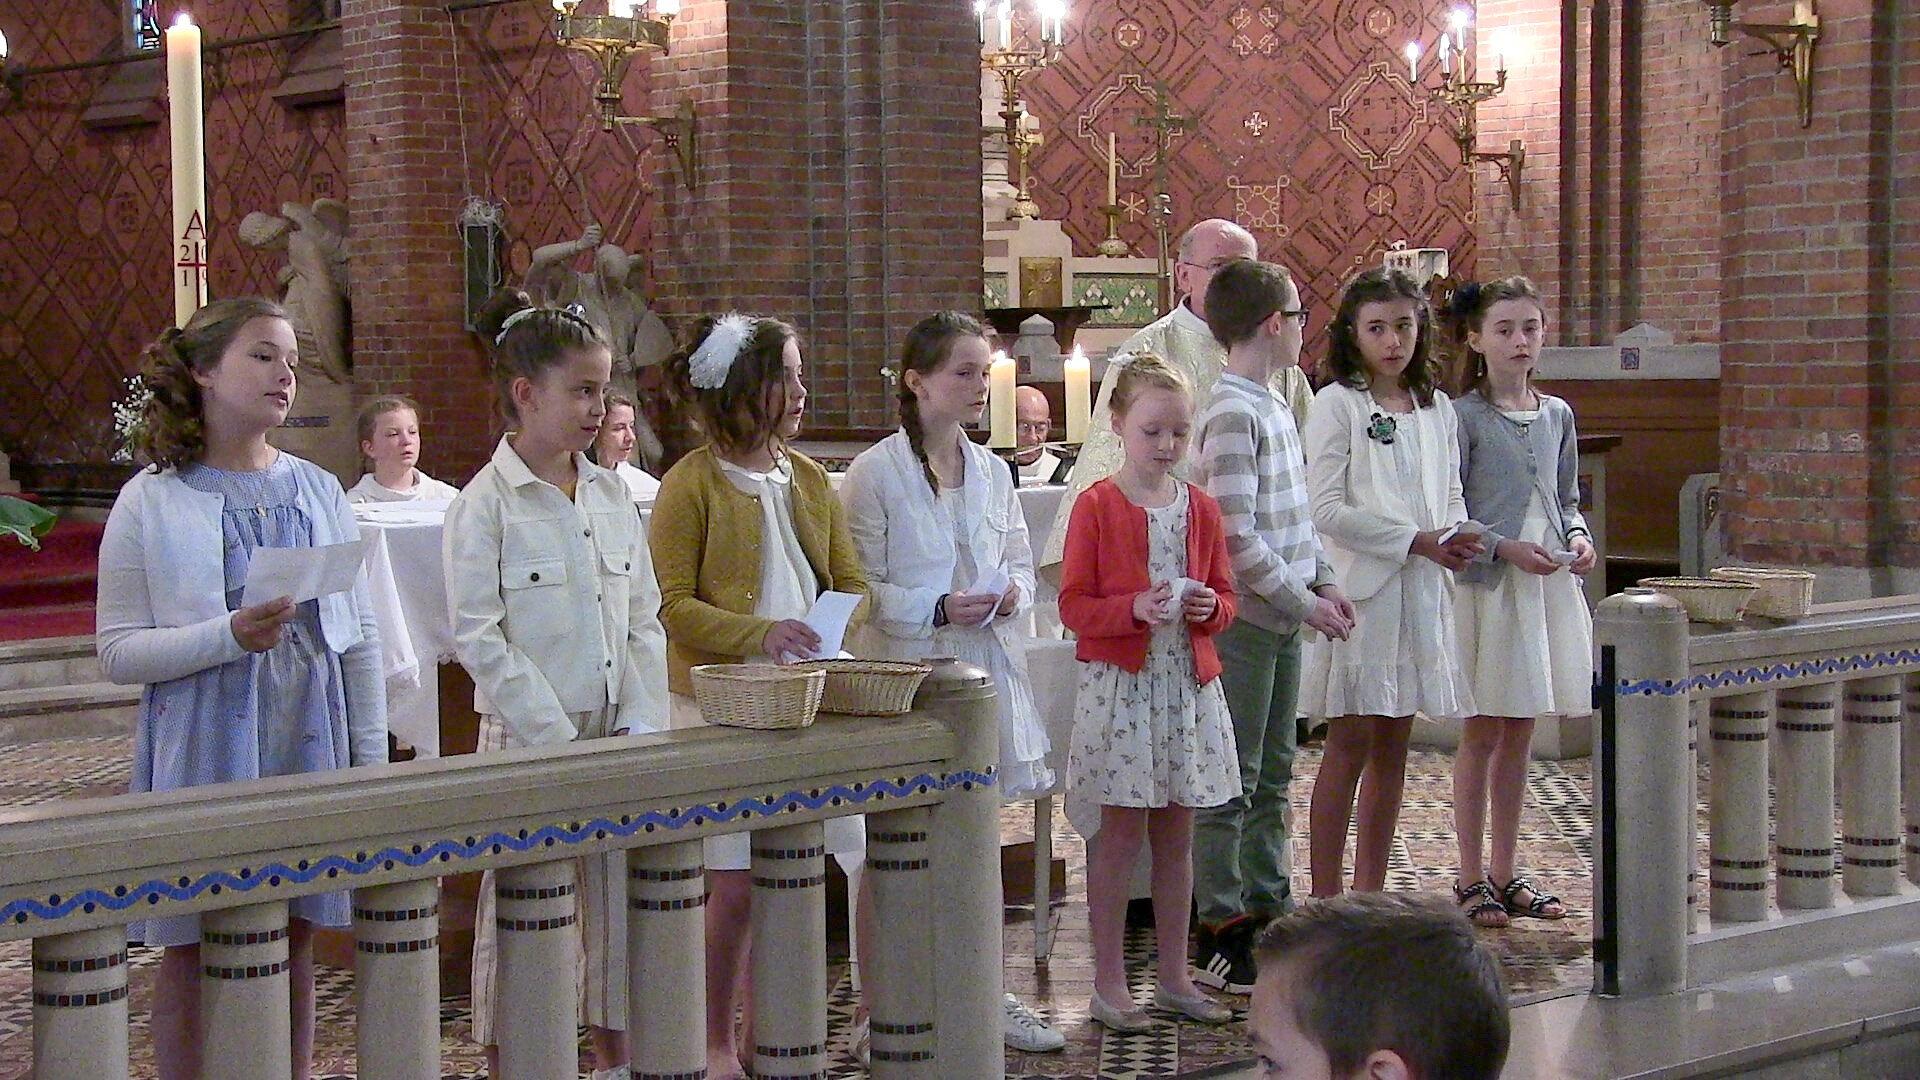 2019-05-12-entrées eucharistie (54)